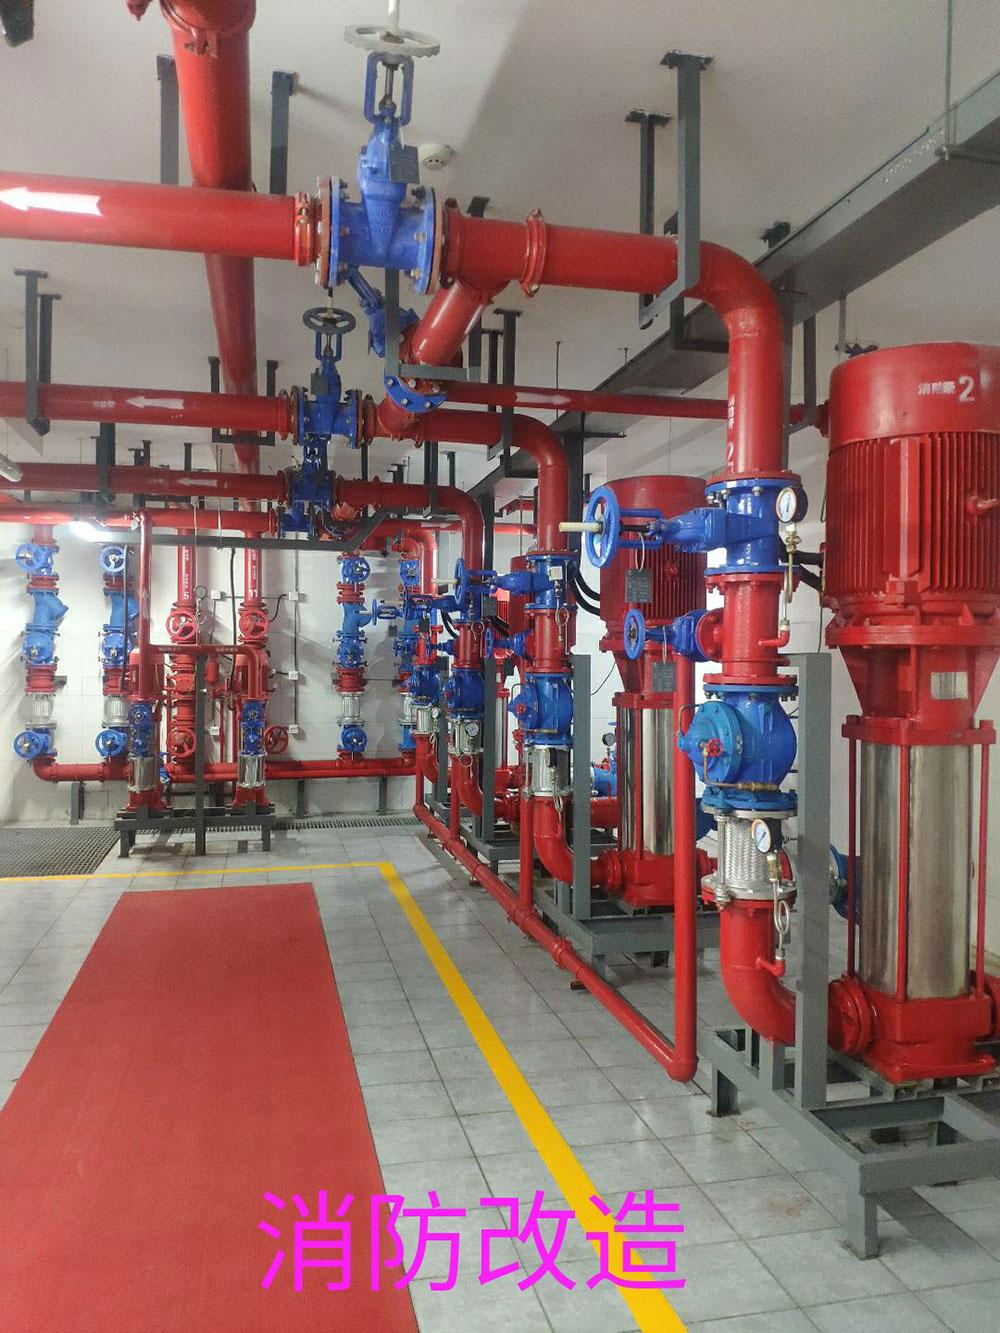 气体灭火系统的维护保养您知道哪些?